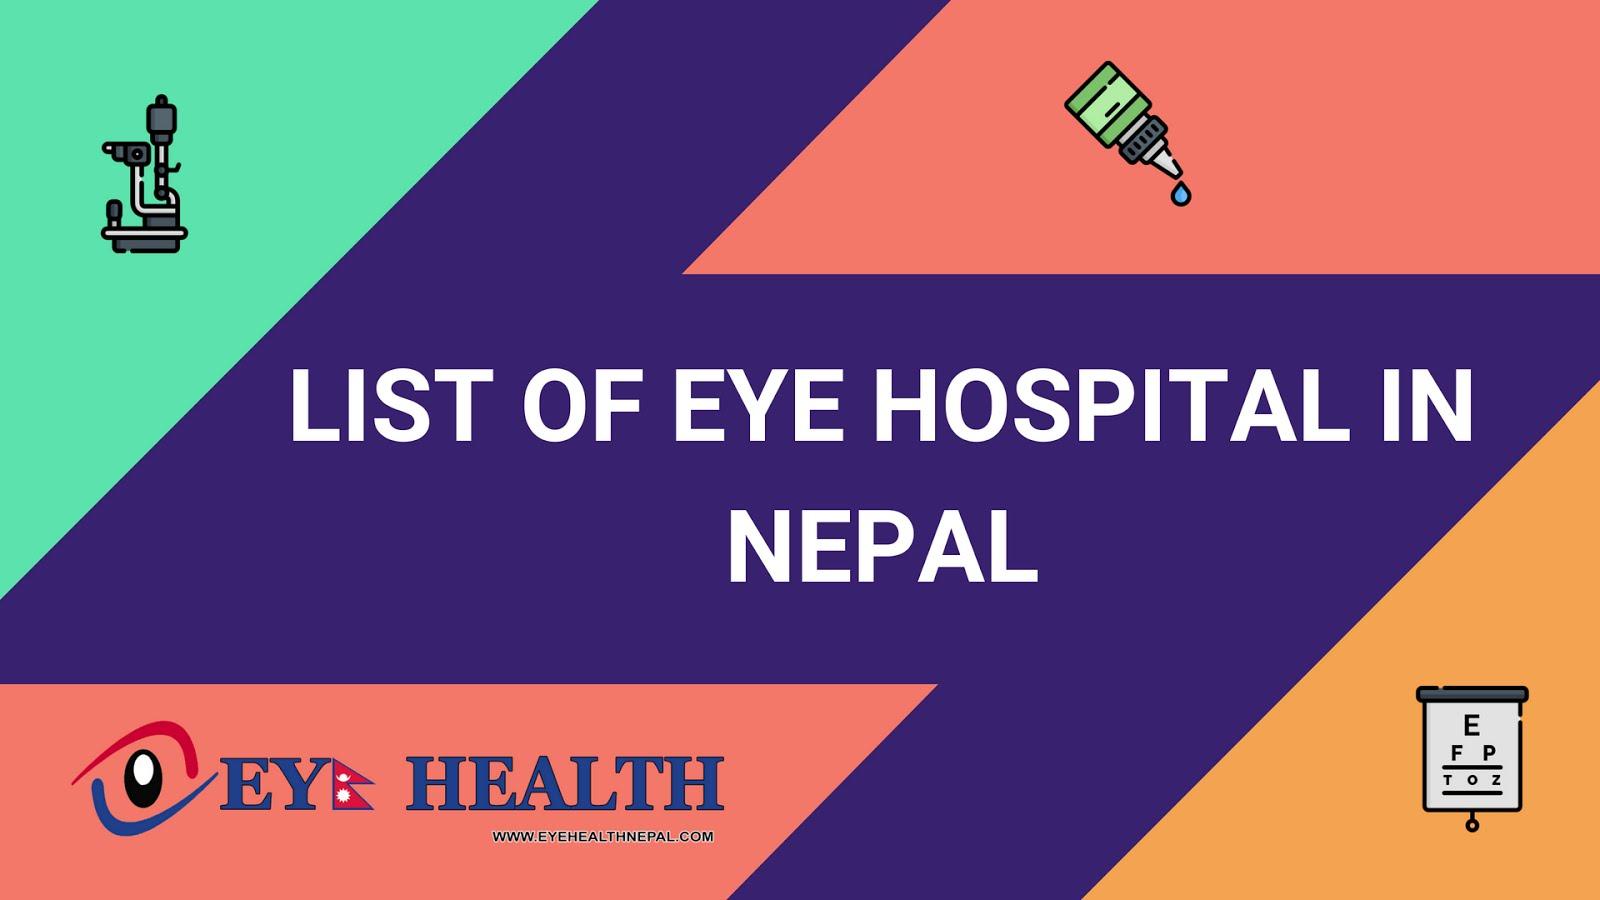 Eye Hospital in Nepal